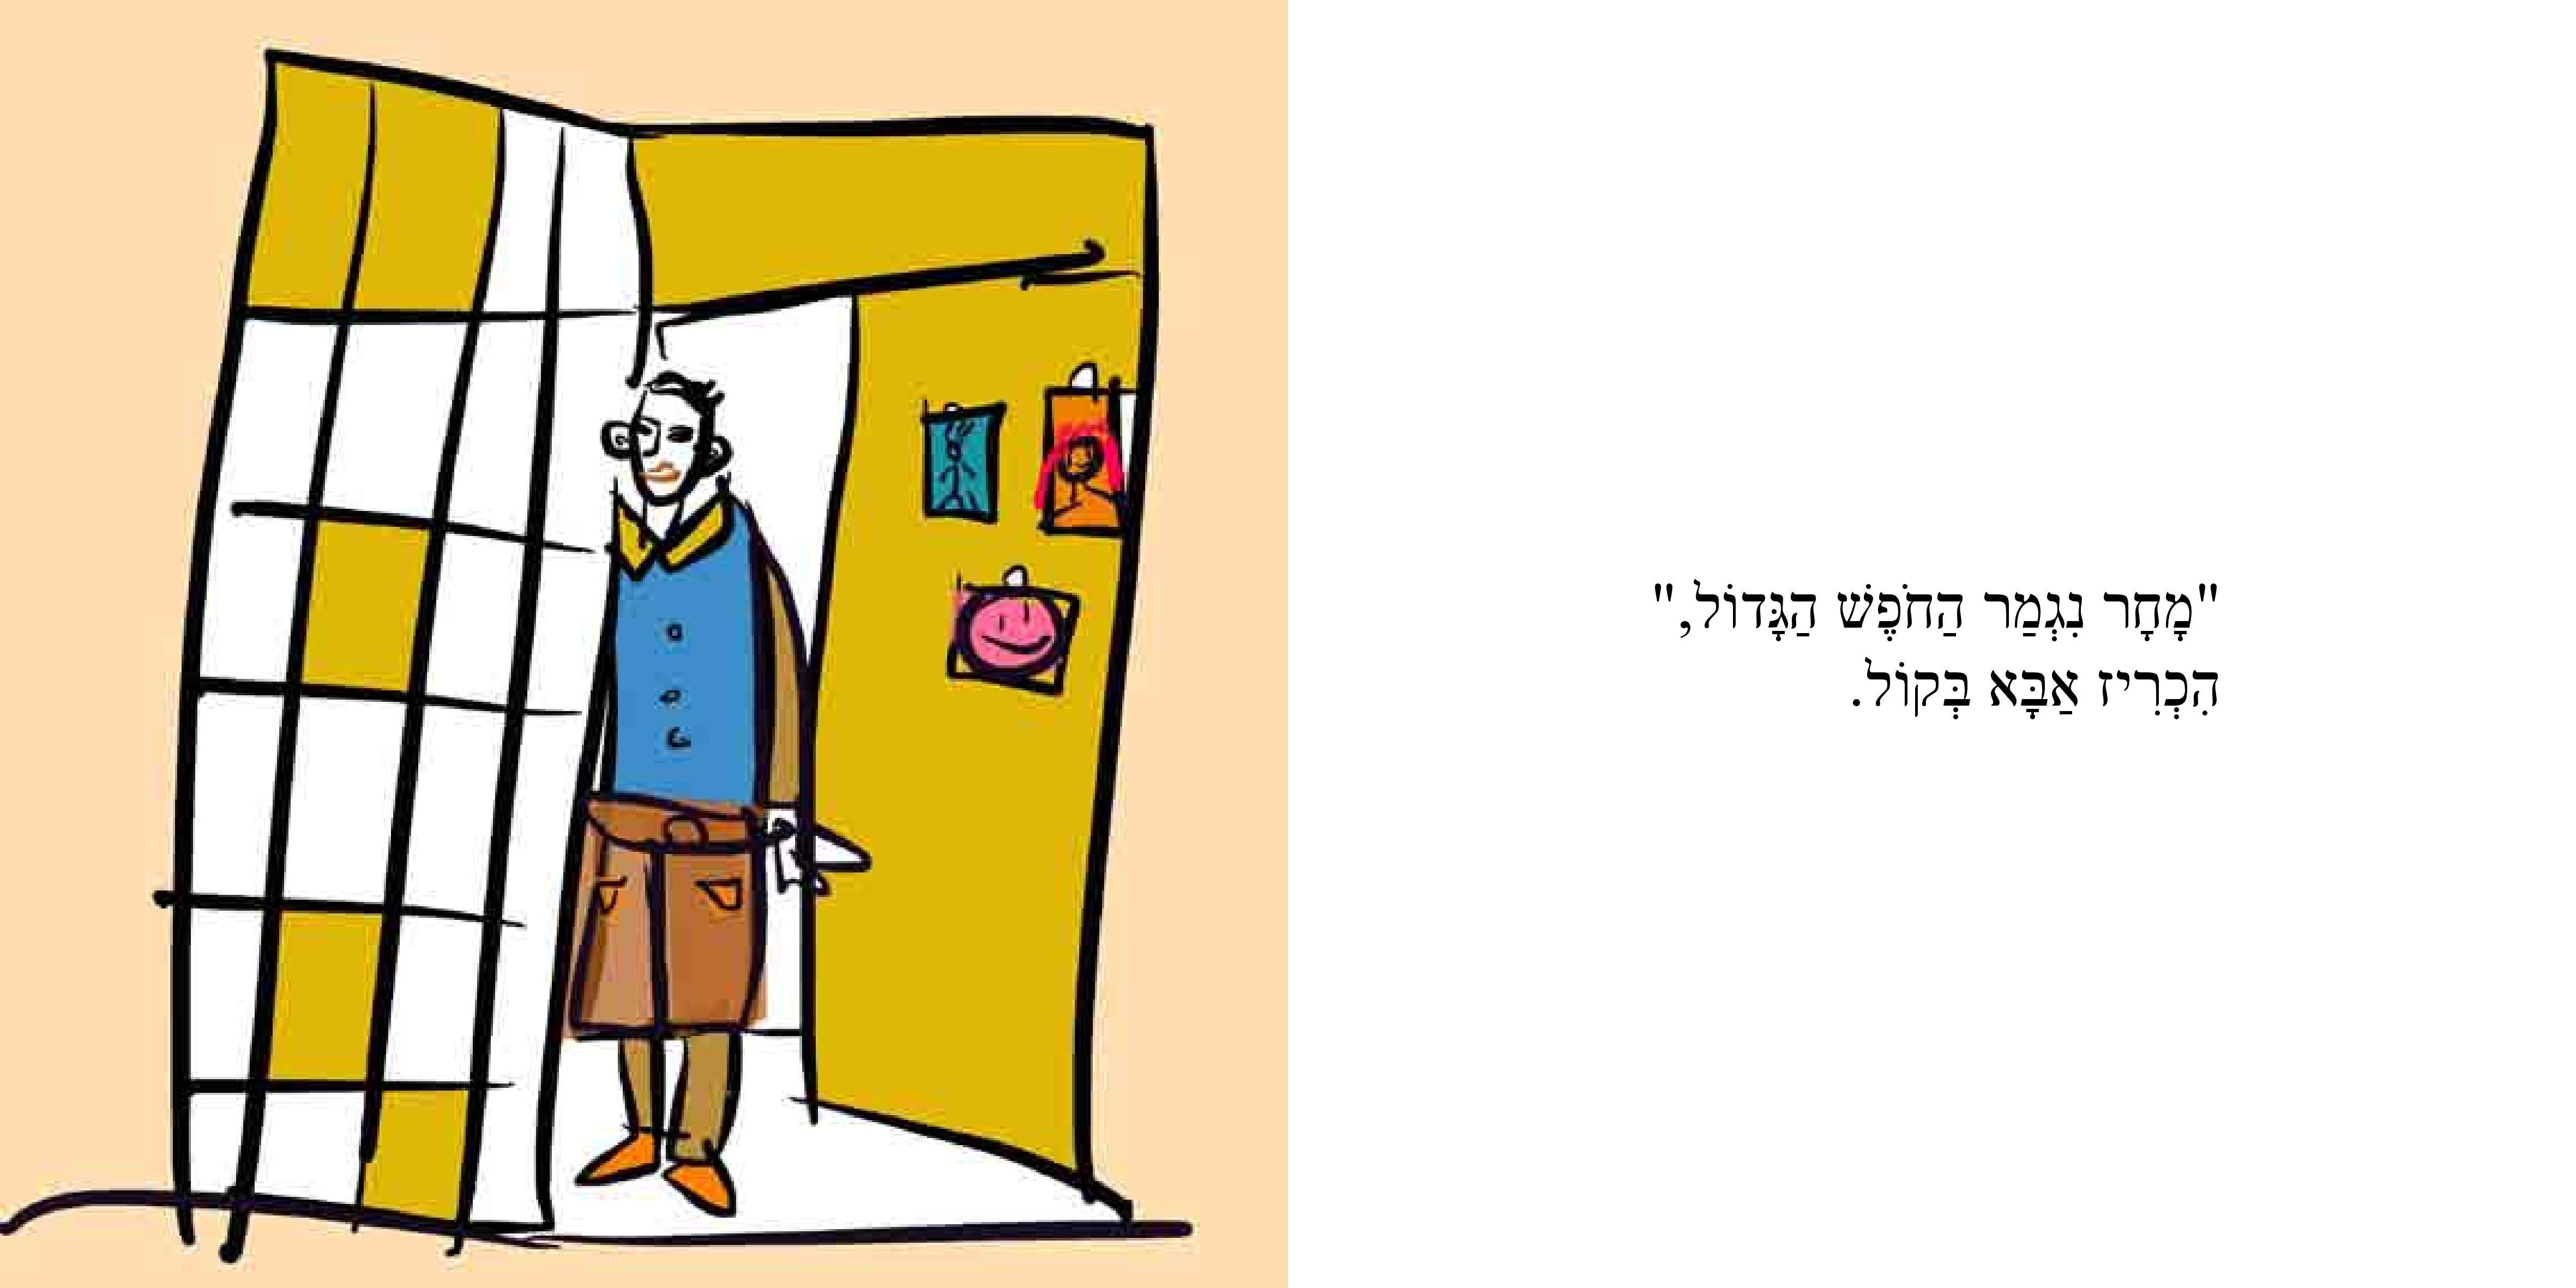 מה עושים ביום של כיף? – פתיח לקיטו by Sigal Magen - Illustrated by סיגל מגן - Ourboox.com